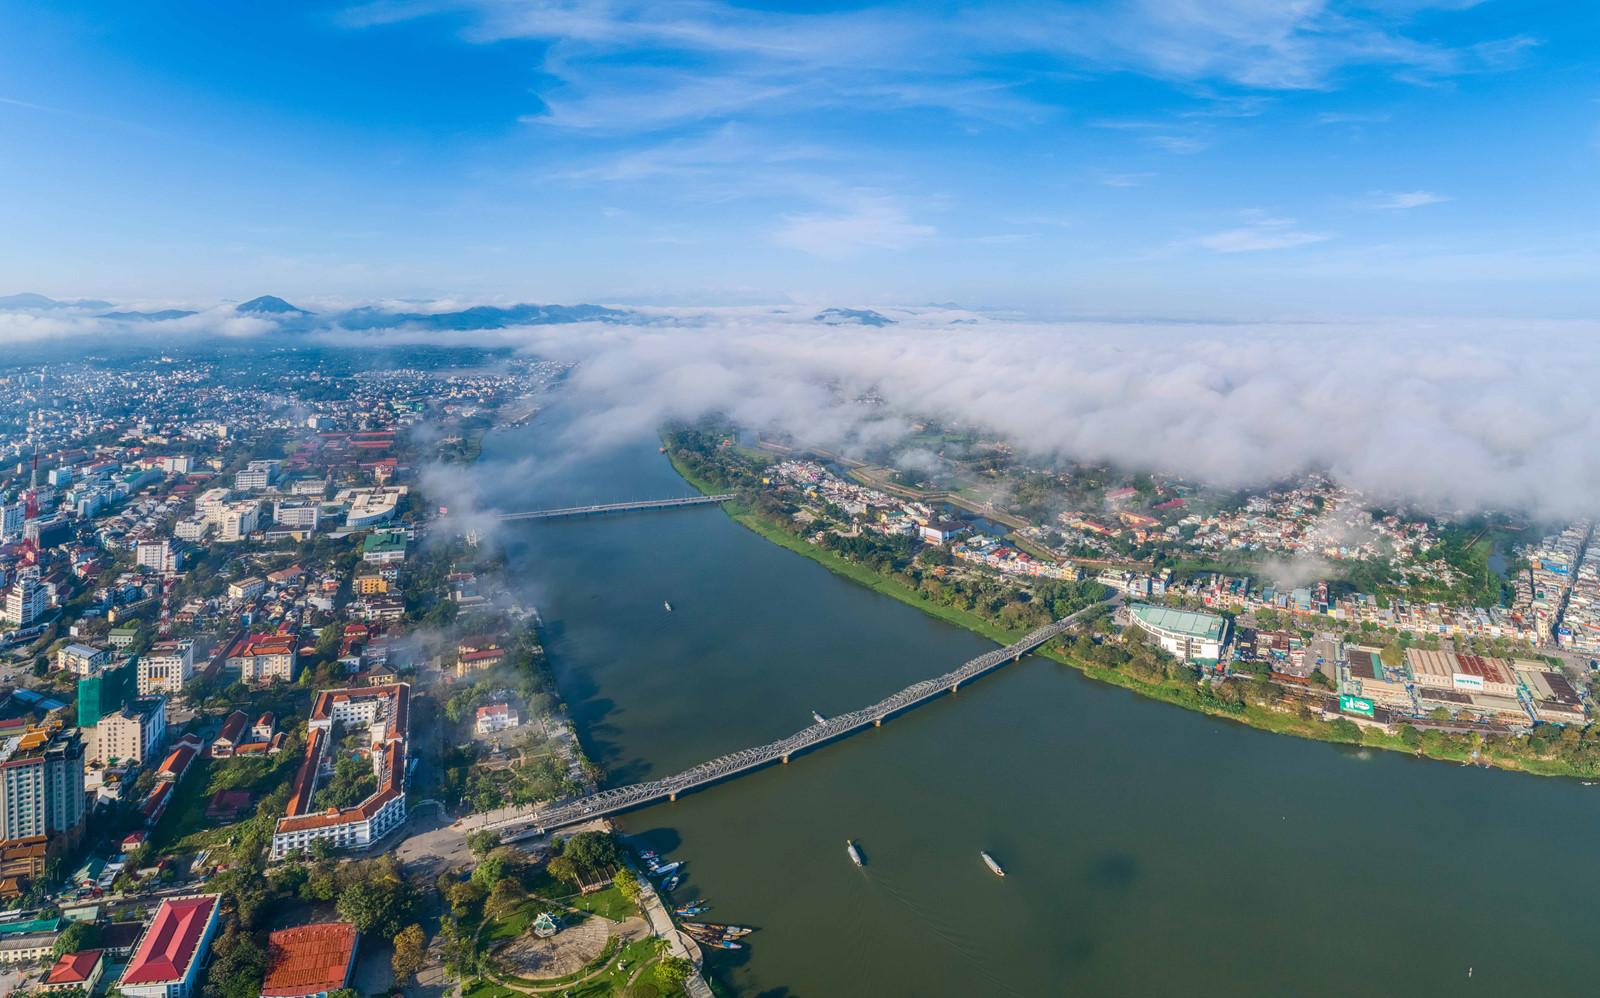 Màn sương trắng quấn quanh tòa nhà cao nhất xứ Huế